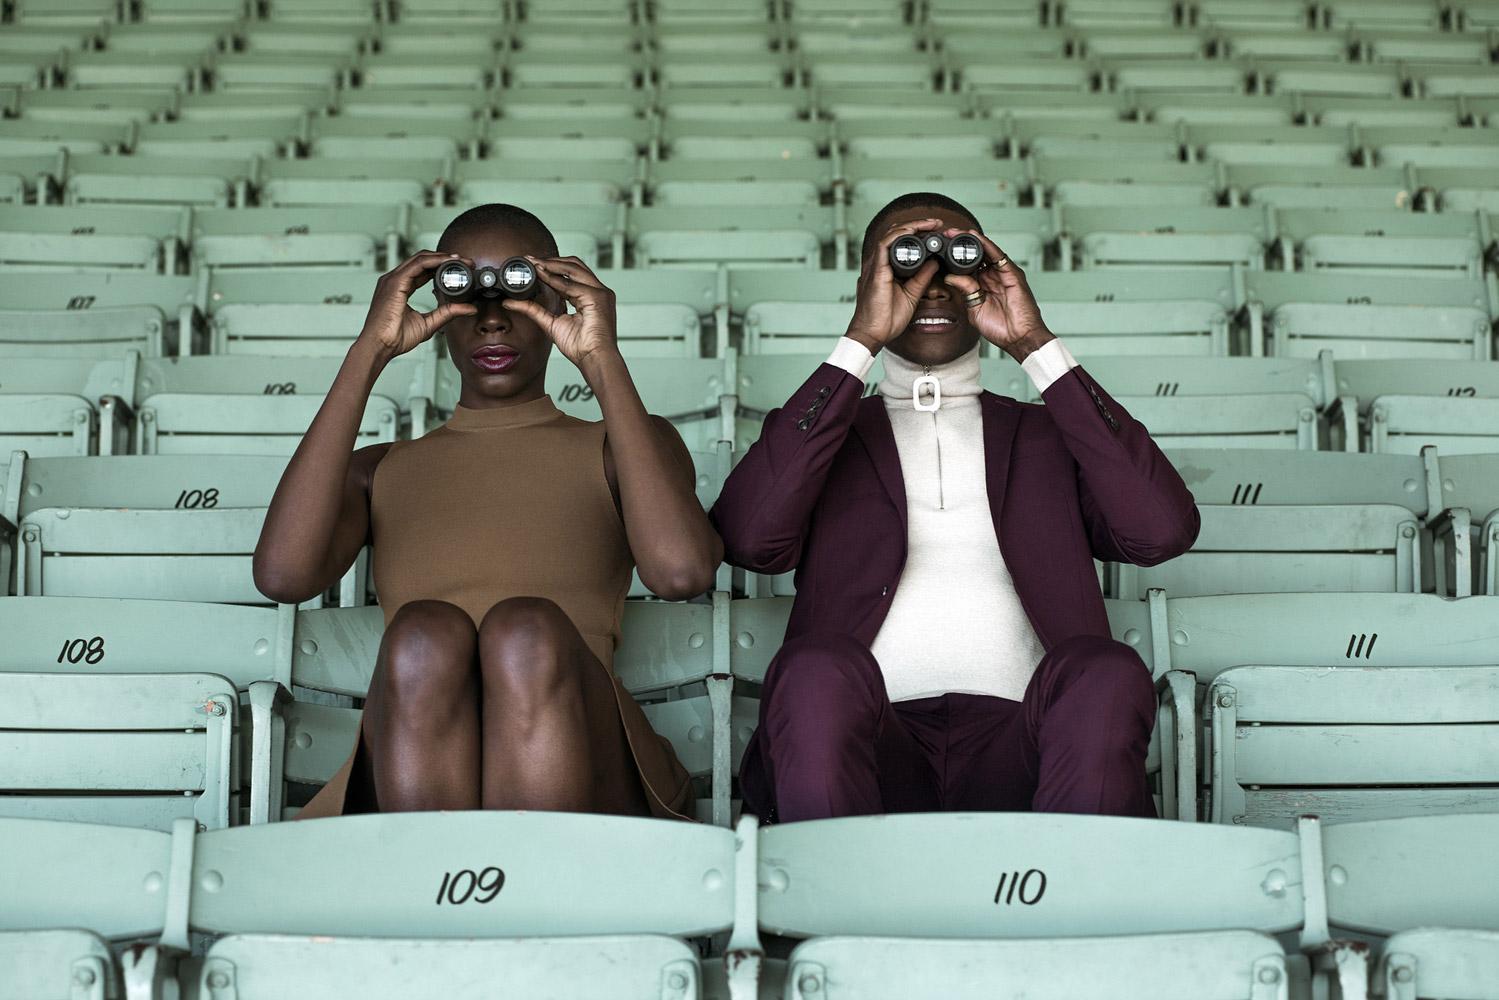 Без названия, © Молли Крэнна, Лос-Анджелес, США, Финалист категории «Профессионал: Персональная работа», Конкурс портретной фотографии «Лица»